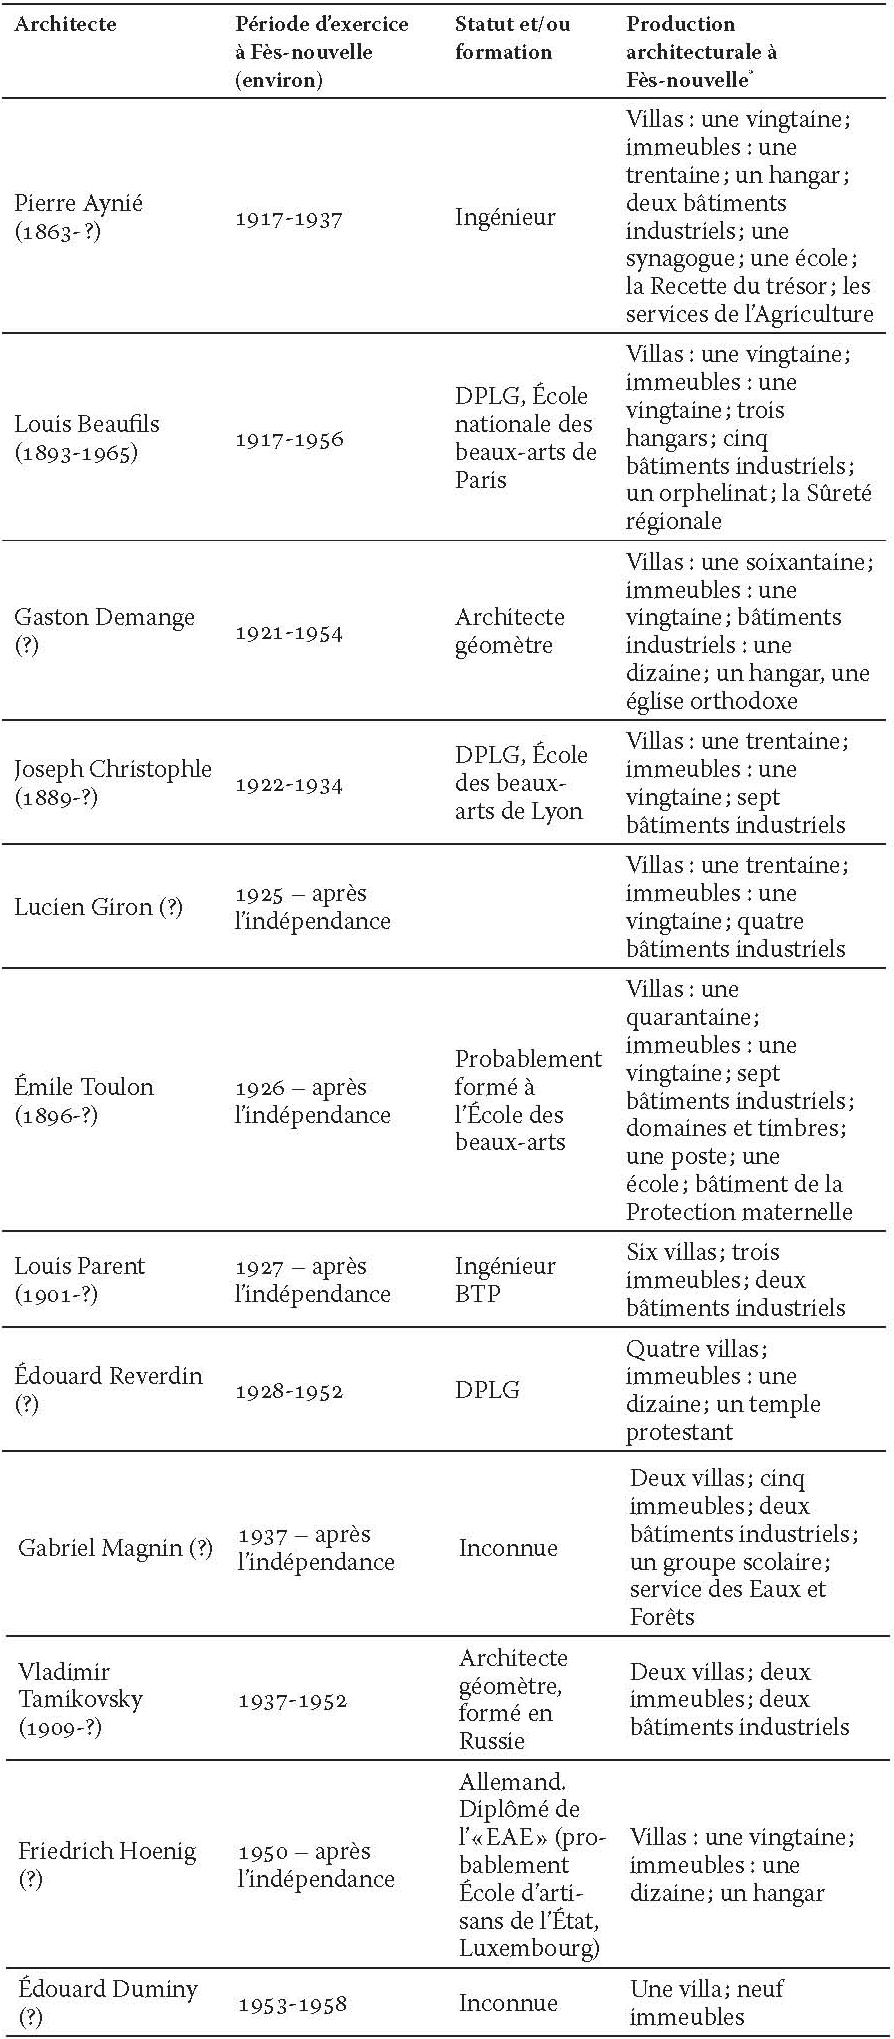 Liste Ordre Des Architectes fès, la fabrication d'une ville nouvelle (1912-1956) - v